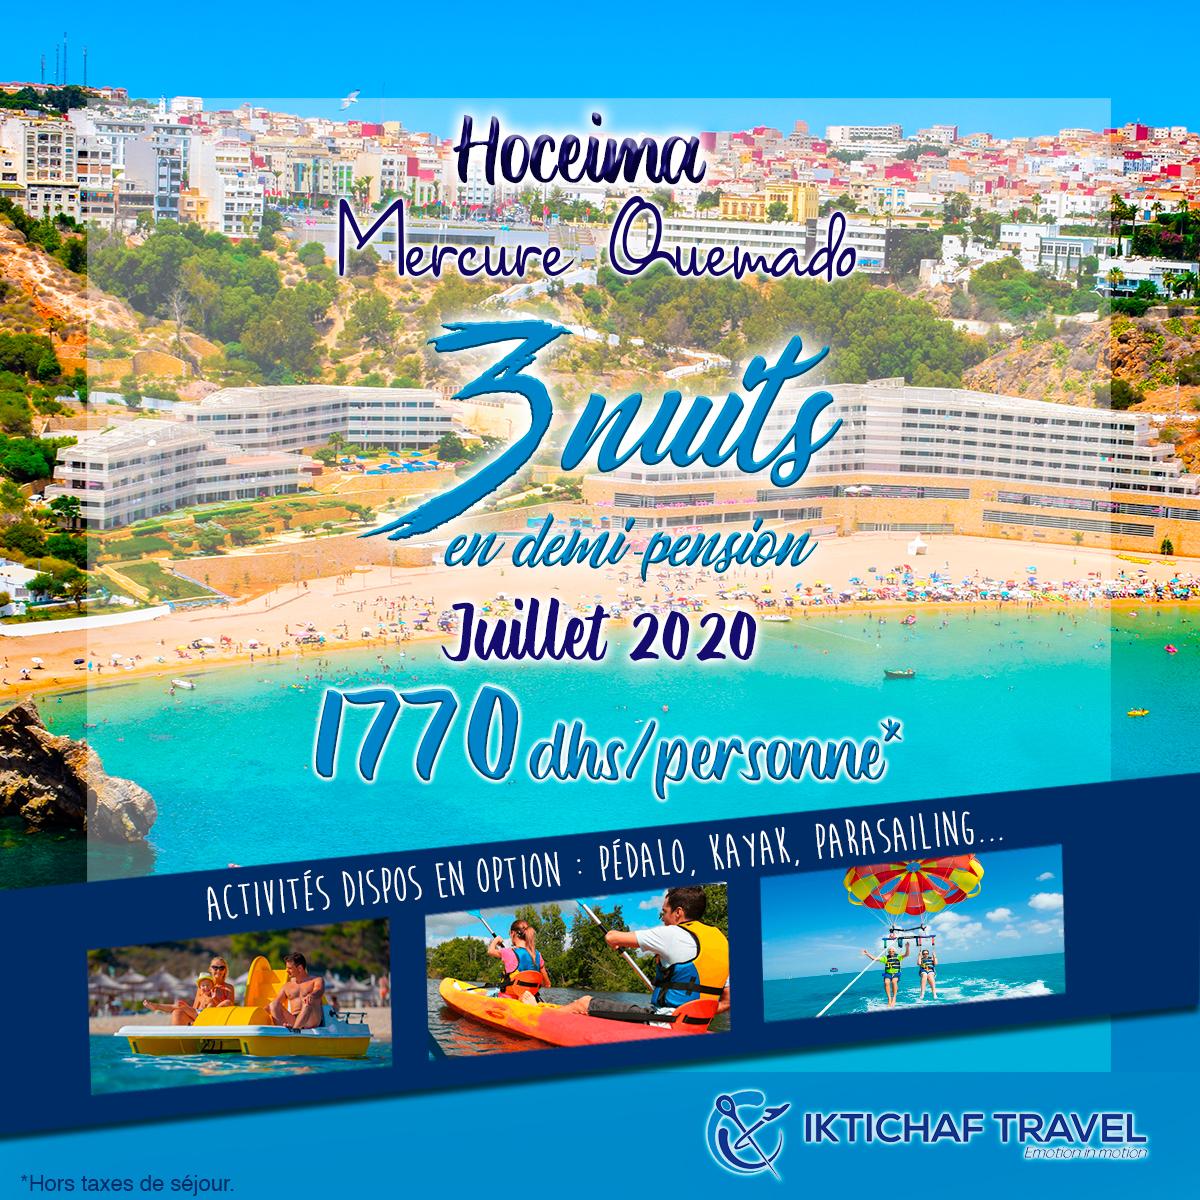 Offres Iktichaf Travel - Mercure Quemado